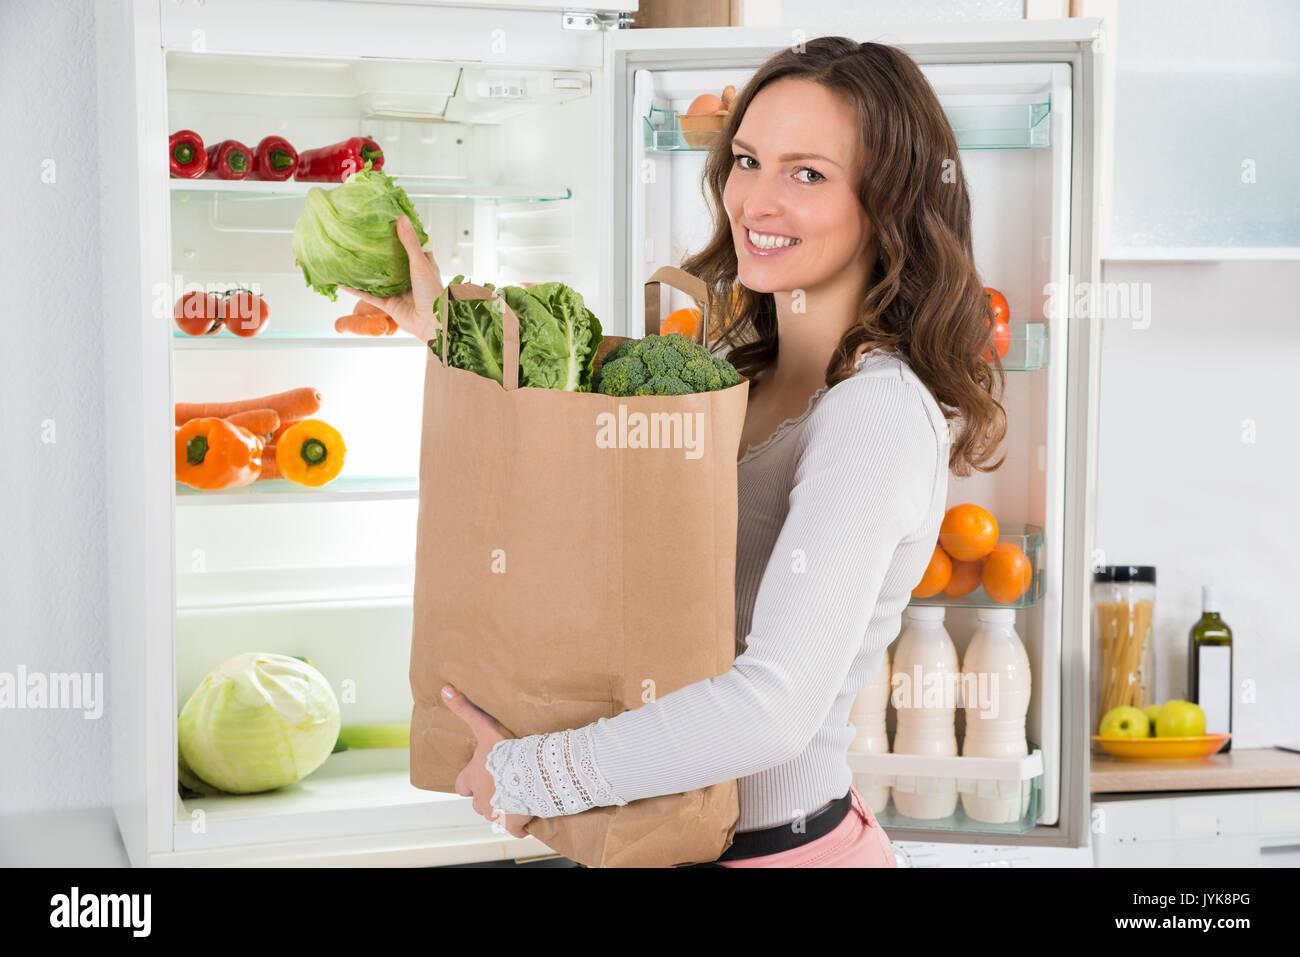 Happy Woman Holding Einkaufen Tasche mit Gemüse vor dem offenen Kühlschrank Stockfoto